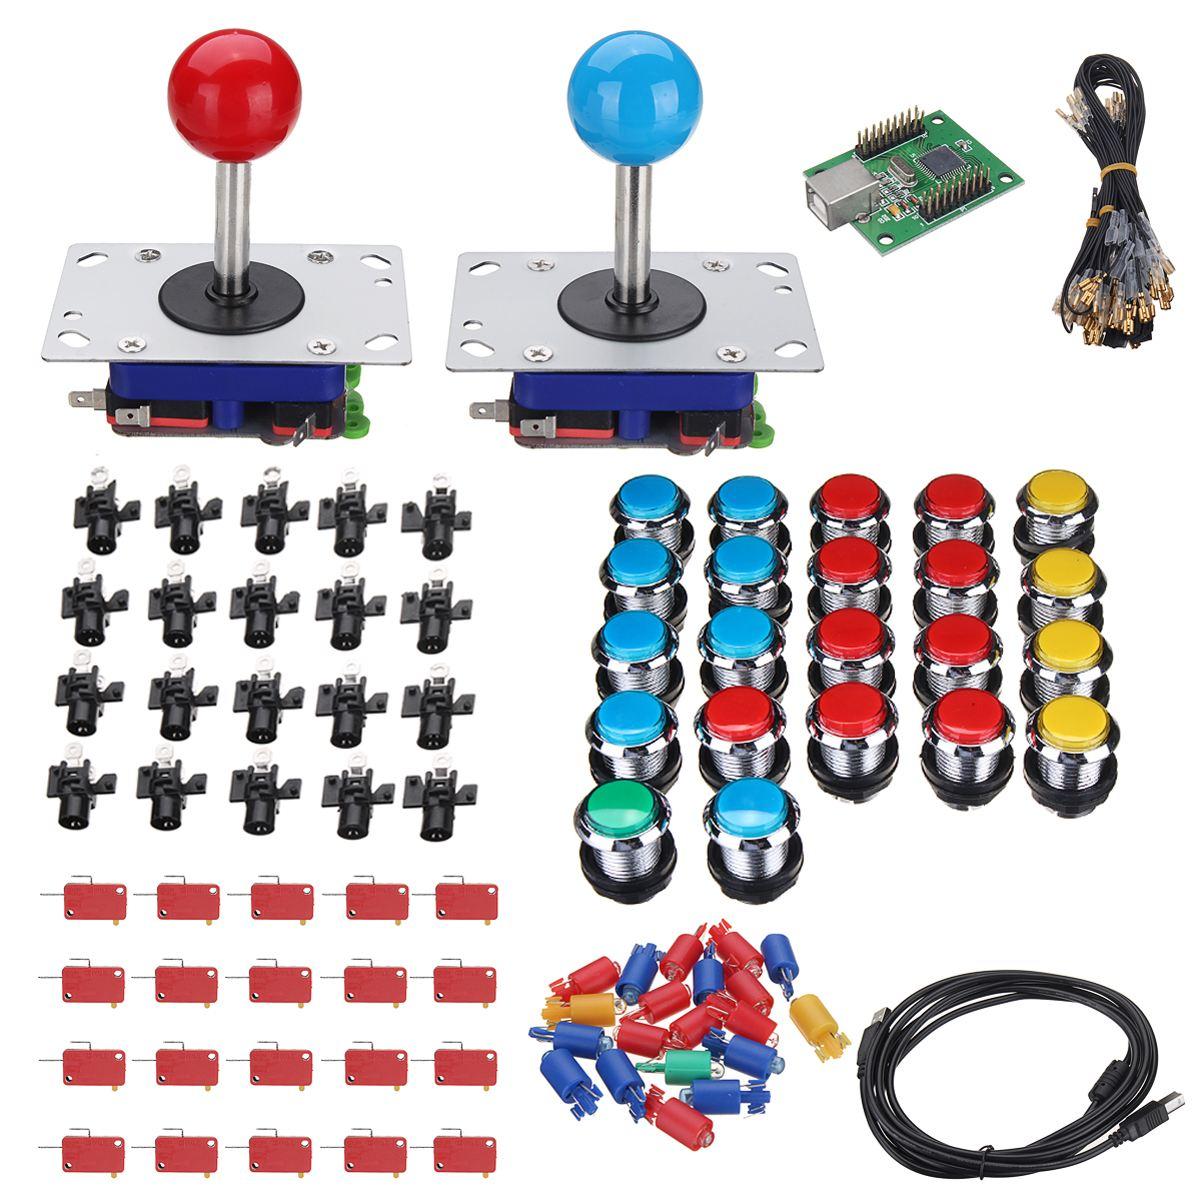 22 pcs LED boutons 2 joueurs bricolage Arcade Joystick Kits 1 pièces USB encodeur câbles Arcade jeu pièces bouton câblage boule joie bâton